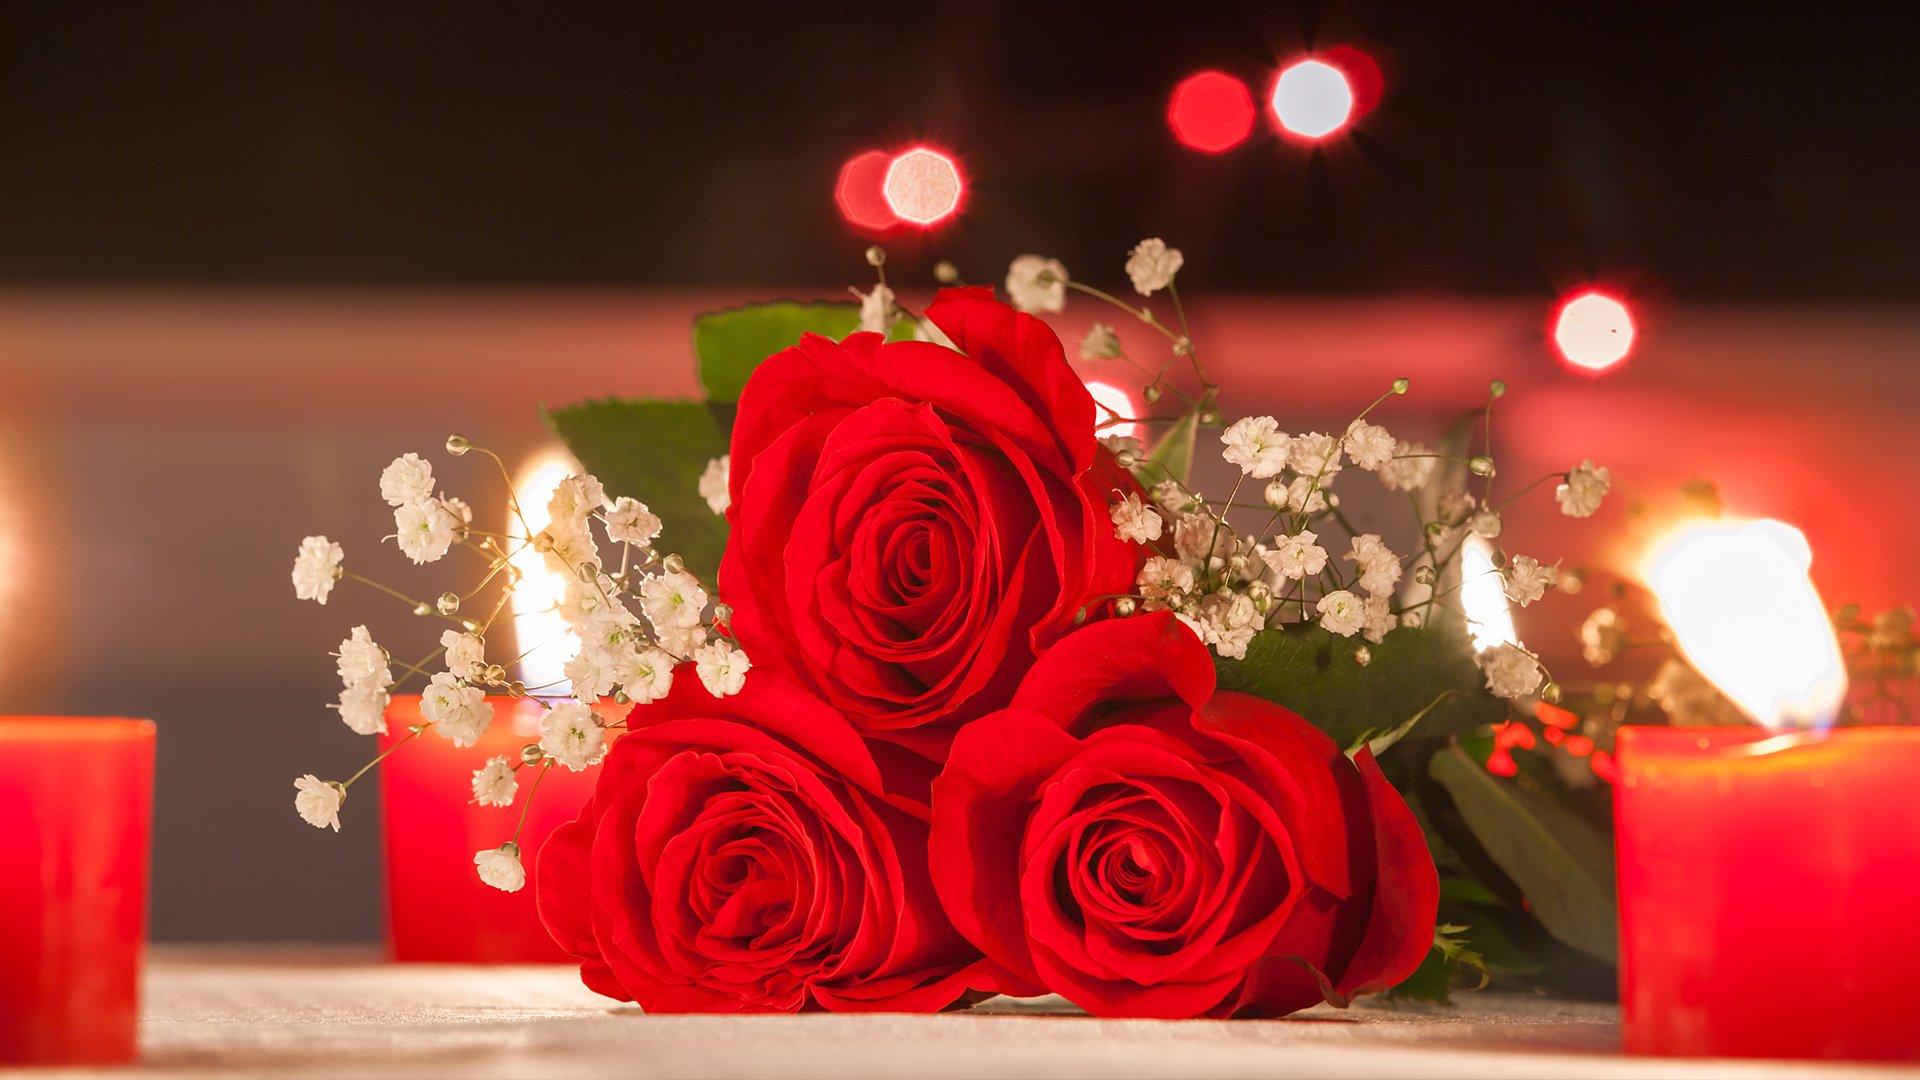 爱情美图,爱情美图,唯美温馨,玫瑰